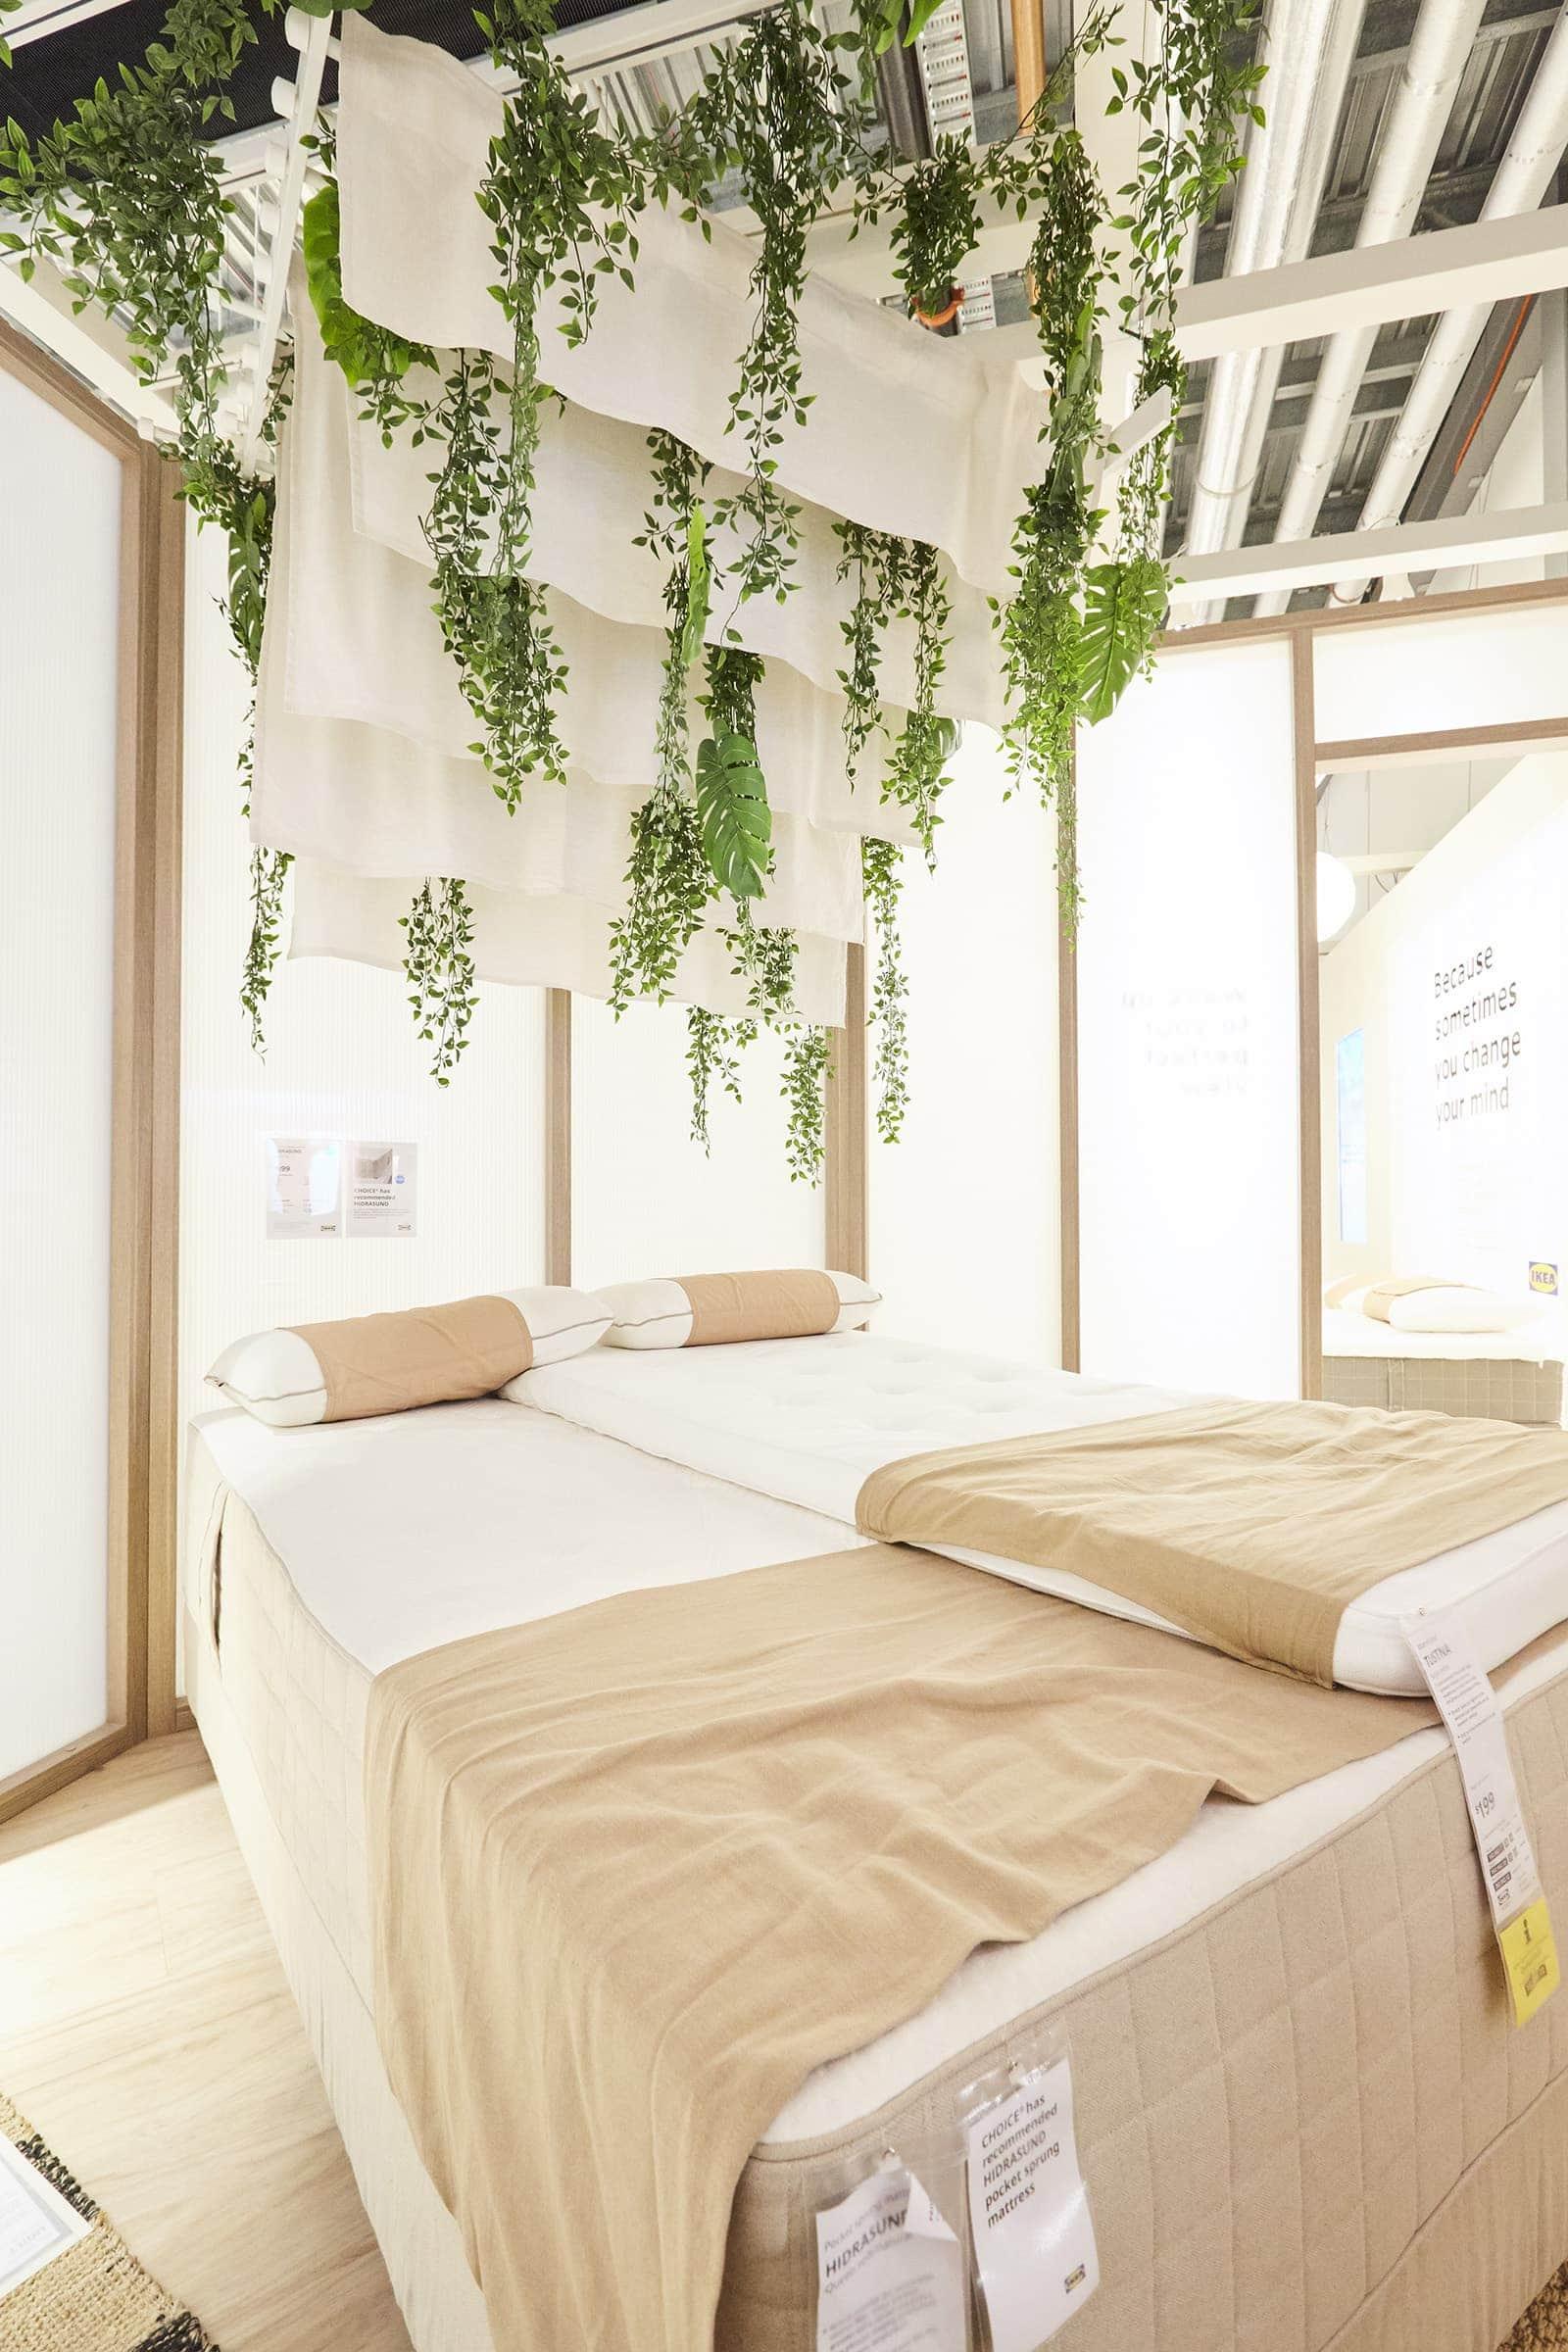 ikea-springvale-complete-sleep-studio-ikea-mattress-in-sight-sleep-pod